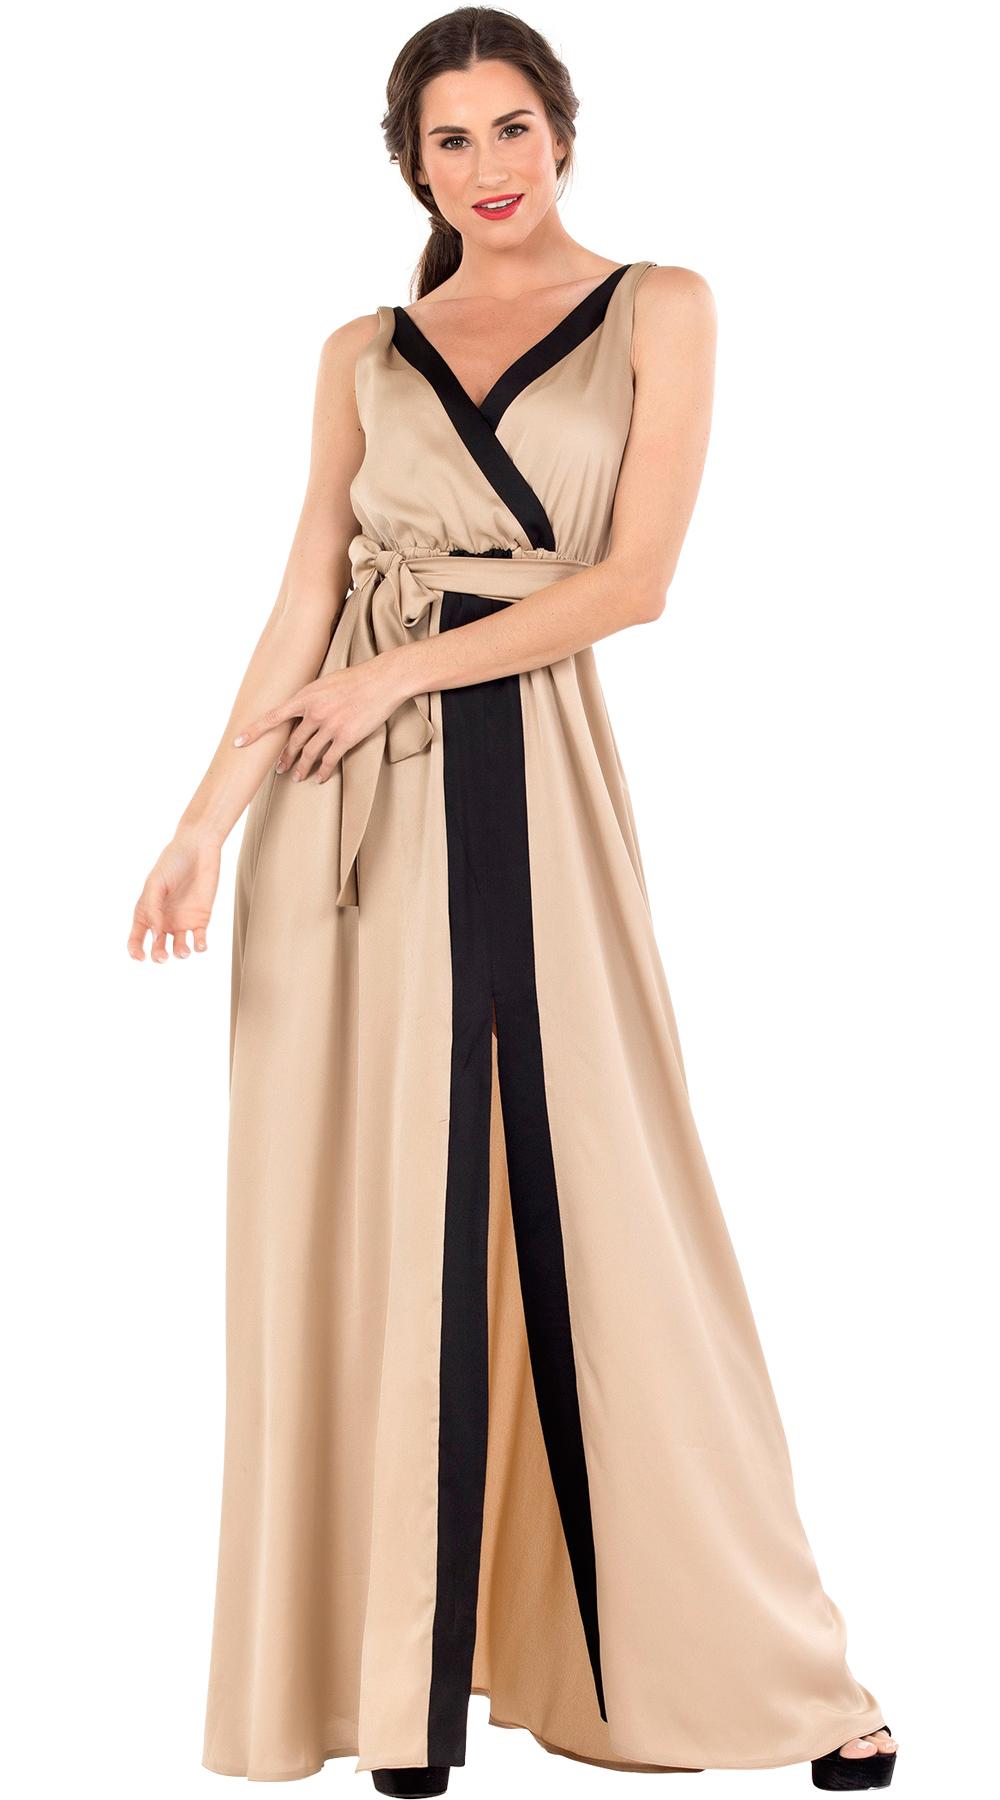 Μάξι κρουαζέ φόρεμα σατινέ με σκίσιμο μπροστά και ζώνη Online - ONLINE - SP18ON- glam occassions wedding shop